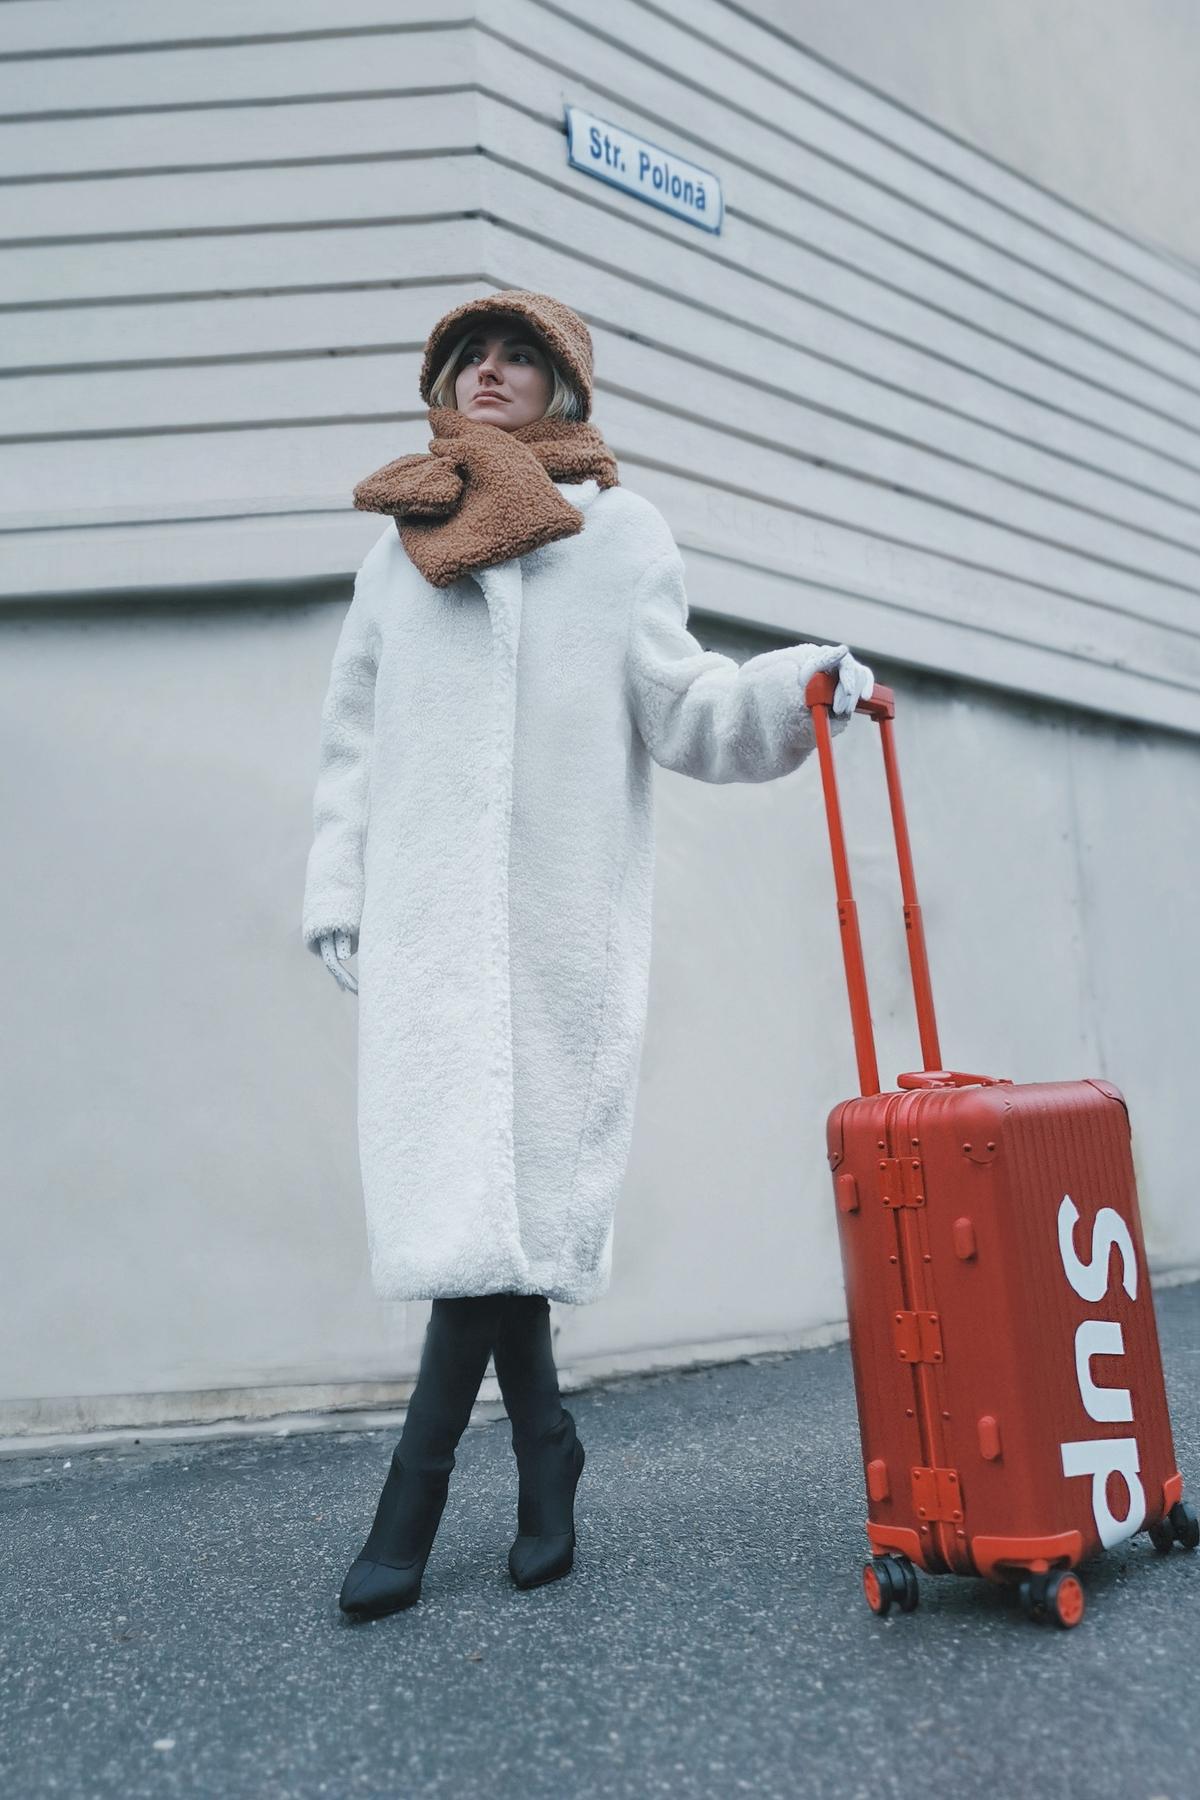 Ce faci cu bagajele atunci cand nu ai chef sa le cari tu